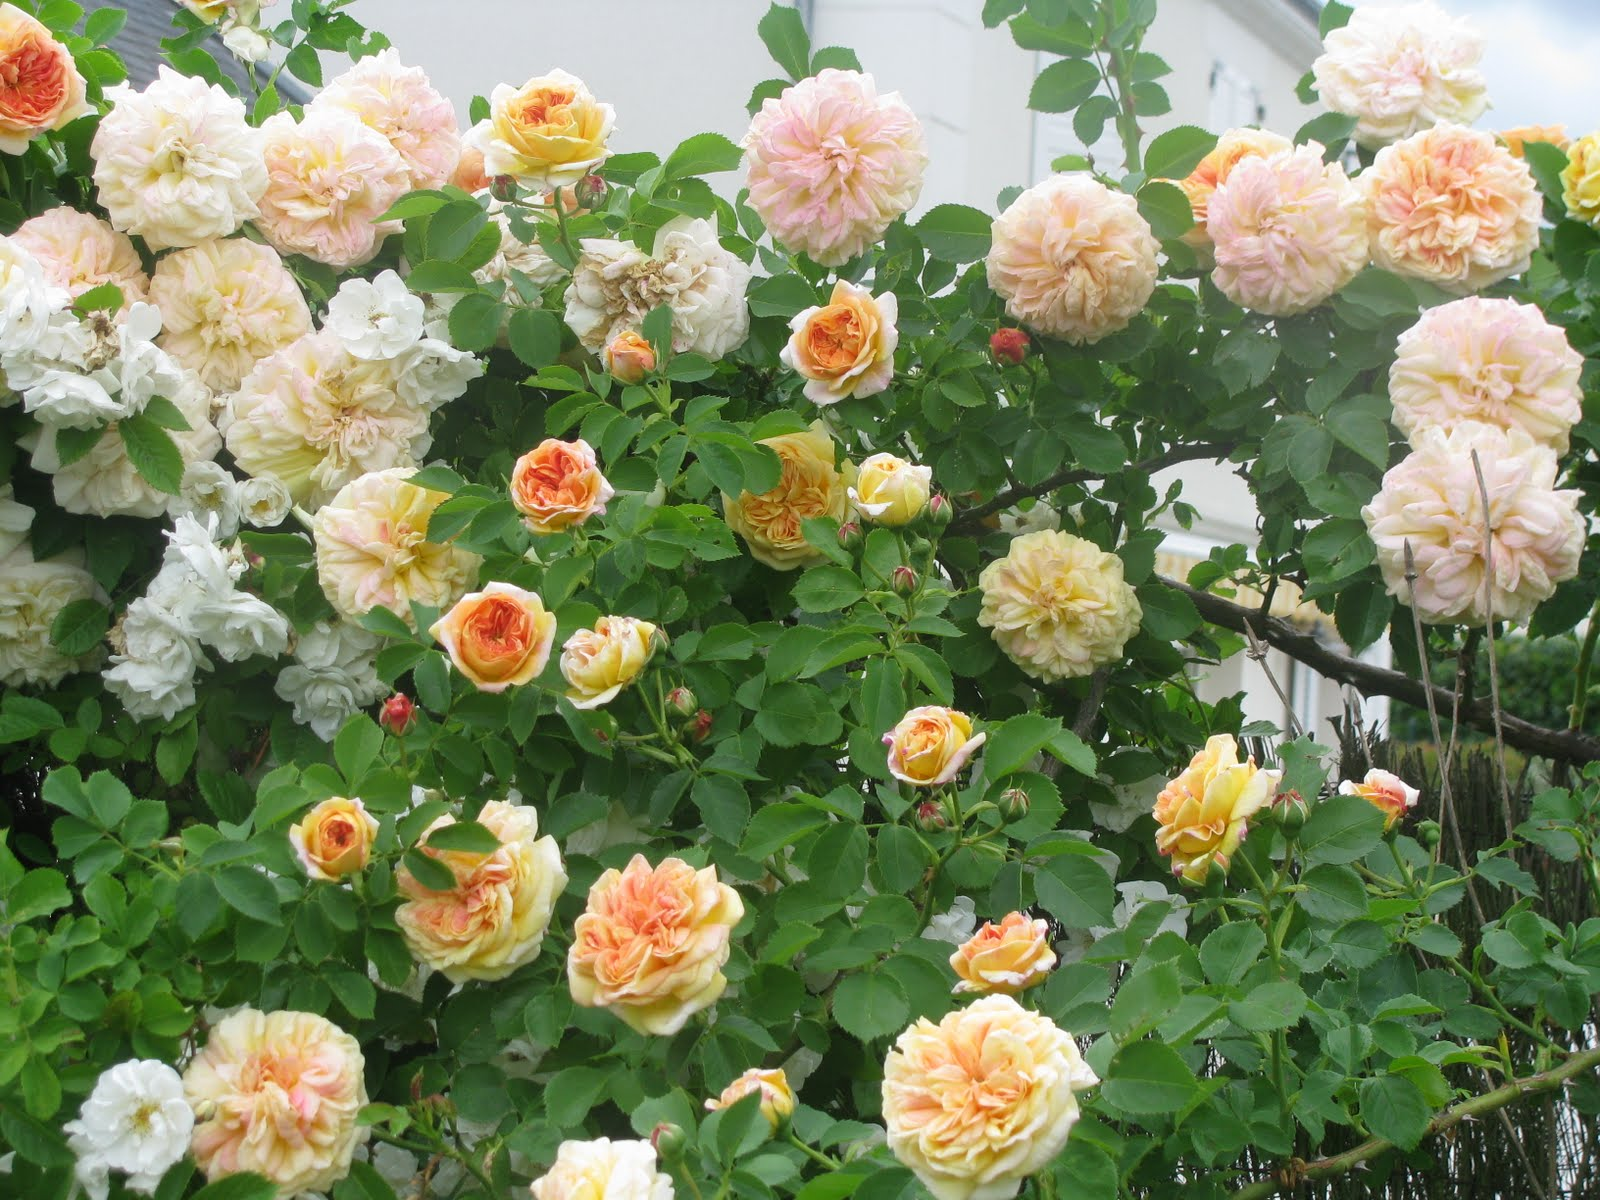 Le jardin de v rone rosier 39 alchemist for Rosier jardin de france